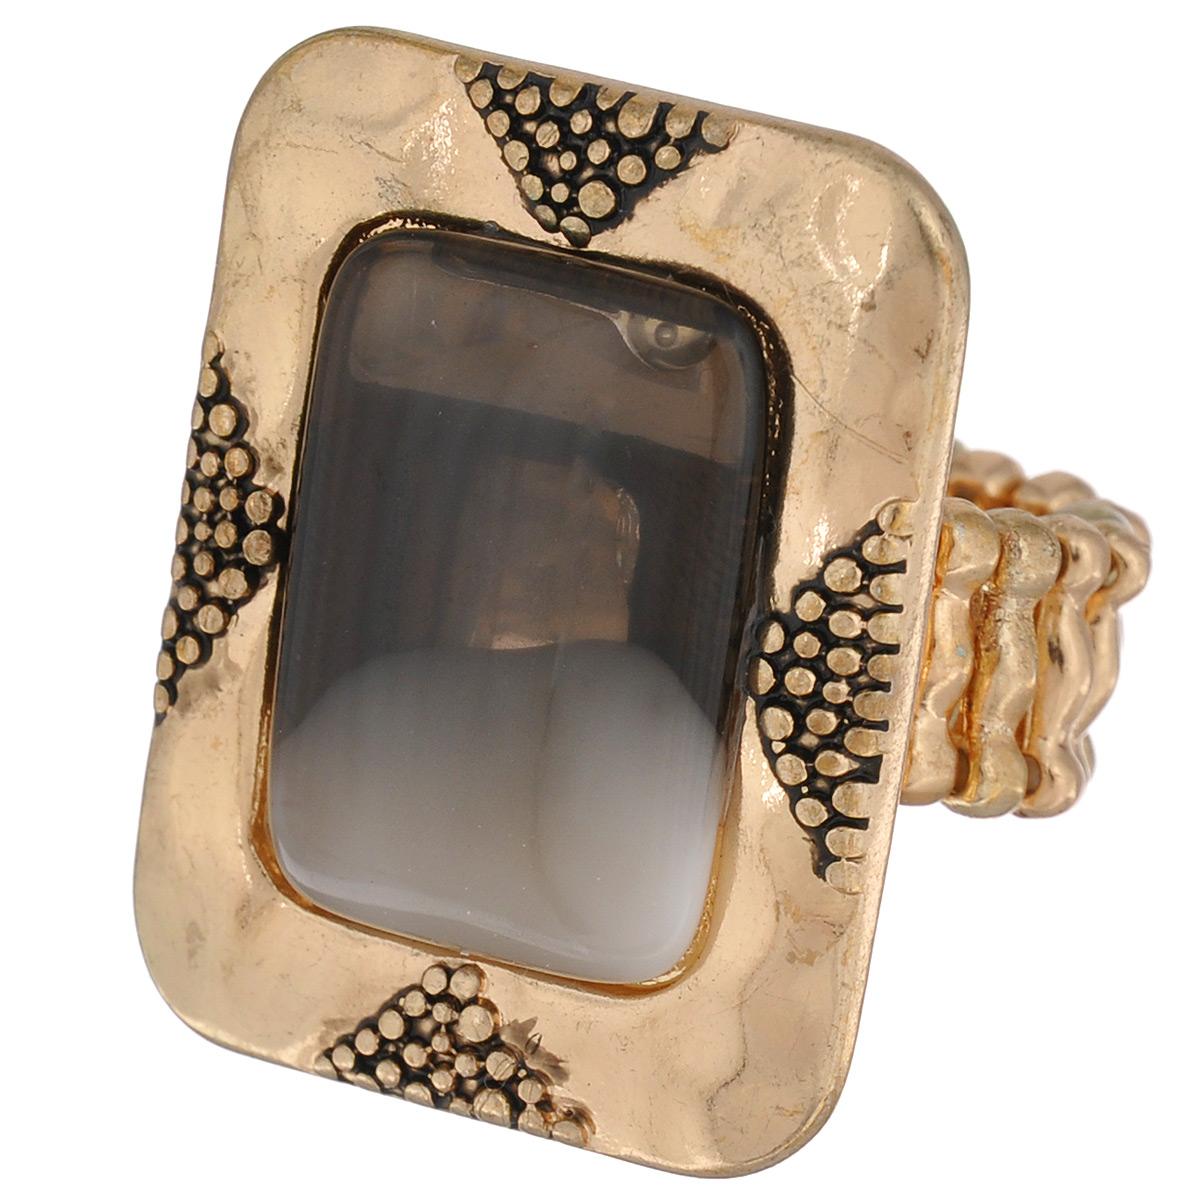 Кольцо Avgad, цвет: золотистый. EA178JW168Коктейльное кольцоОригинальное кольцо Avgad выполнено из ювелирного сплава. Изделие оформлено рельефным узором и вставкой из акрила. Элементы кольца соединены с помощью тонкой резинки, благодаря этому оно легко одевается и снимается. Размер универсальный. Кольцо позволит вам с легкостью воплотить самую смелую фантазию и создать собственный, неповторимый образ.